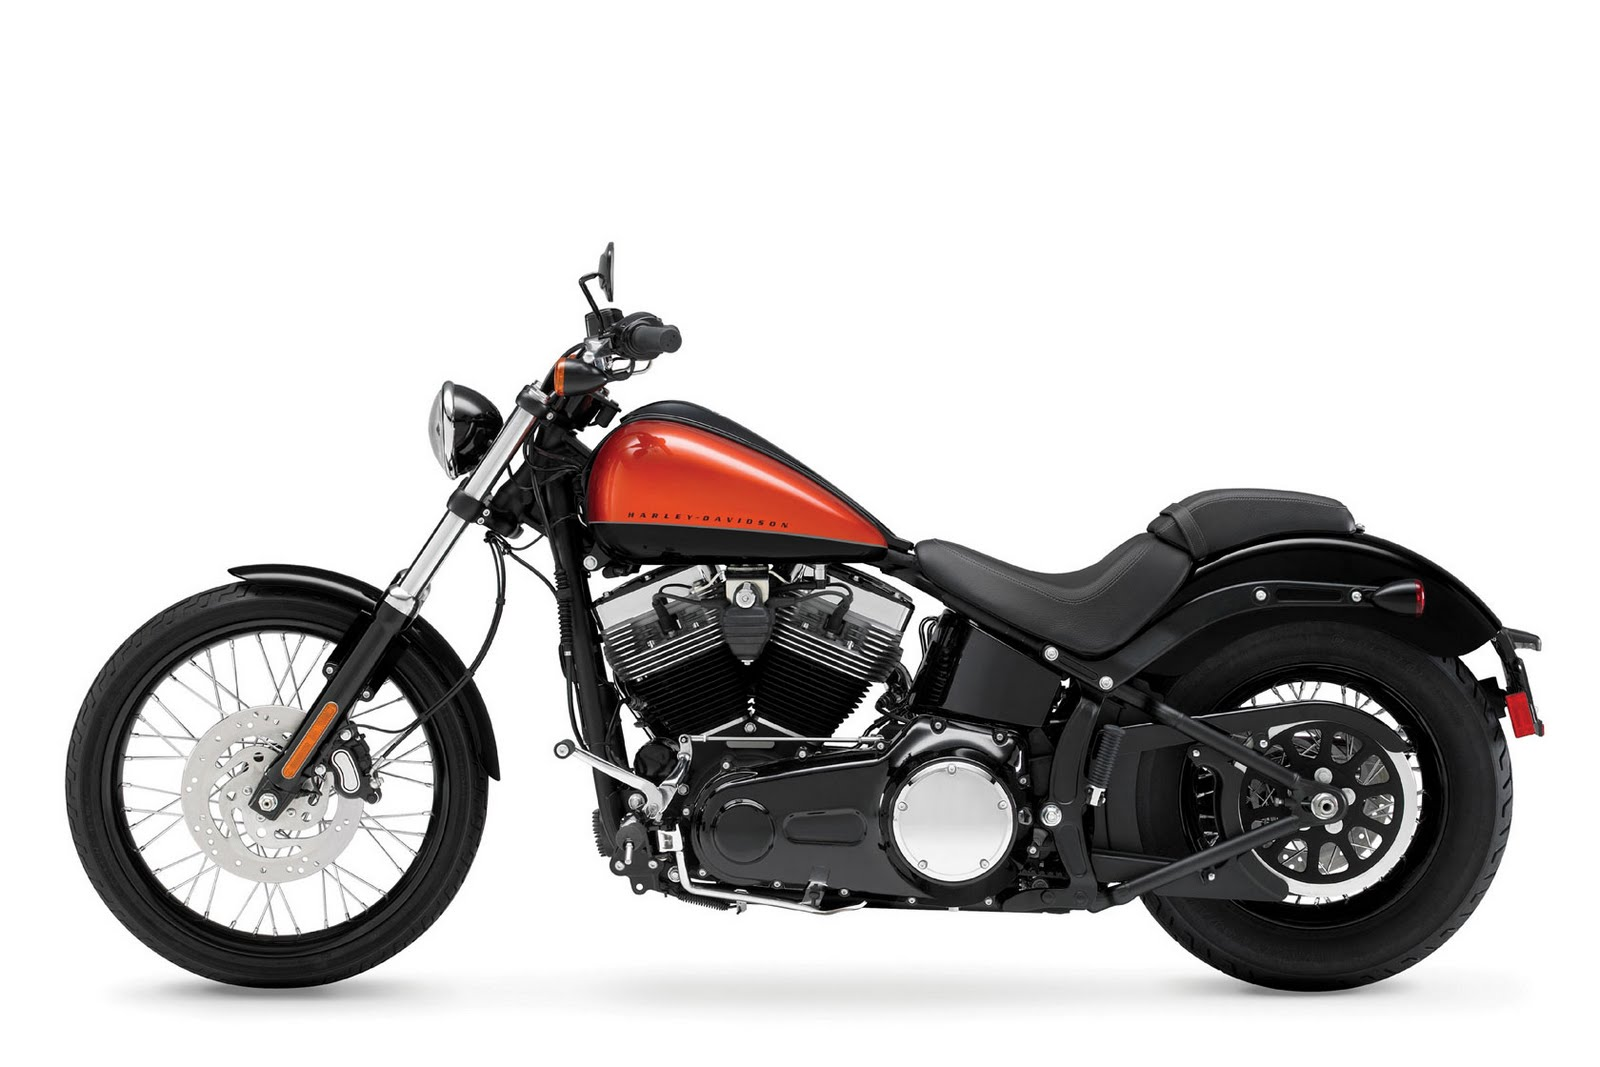 2012 Harley-Davidson Black Line